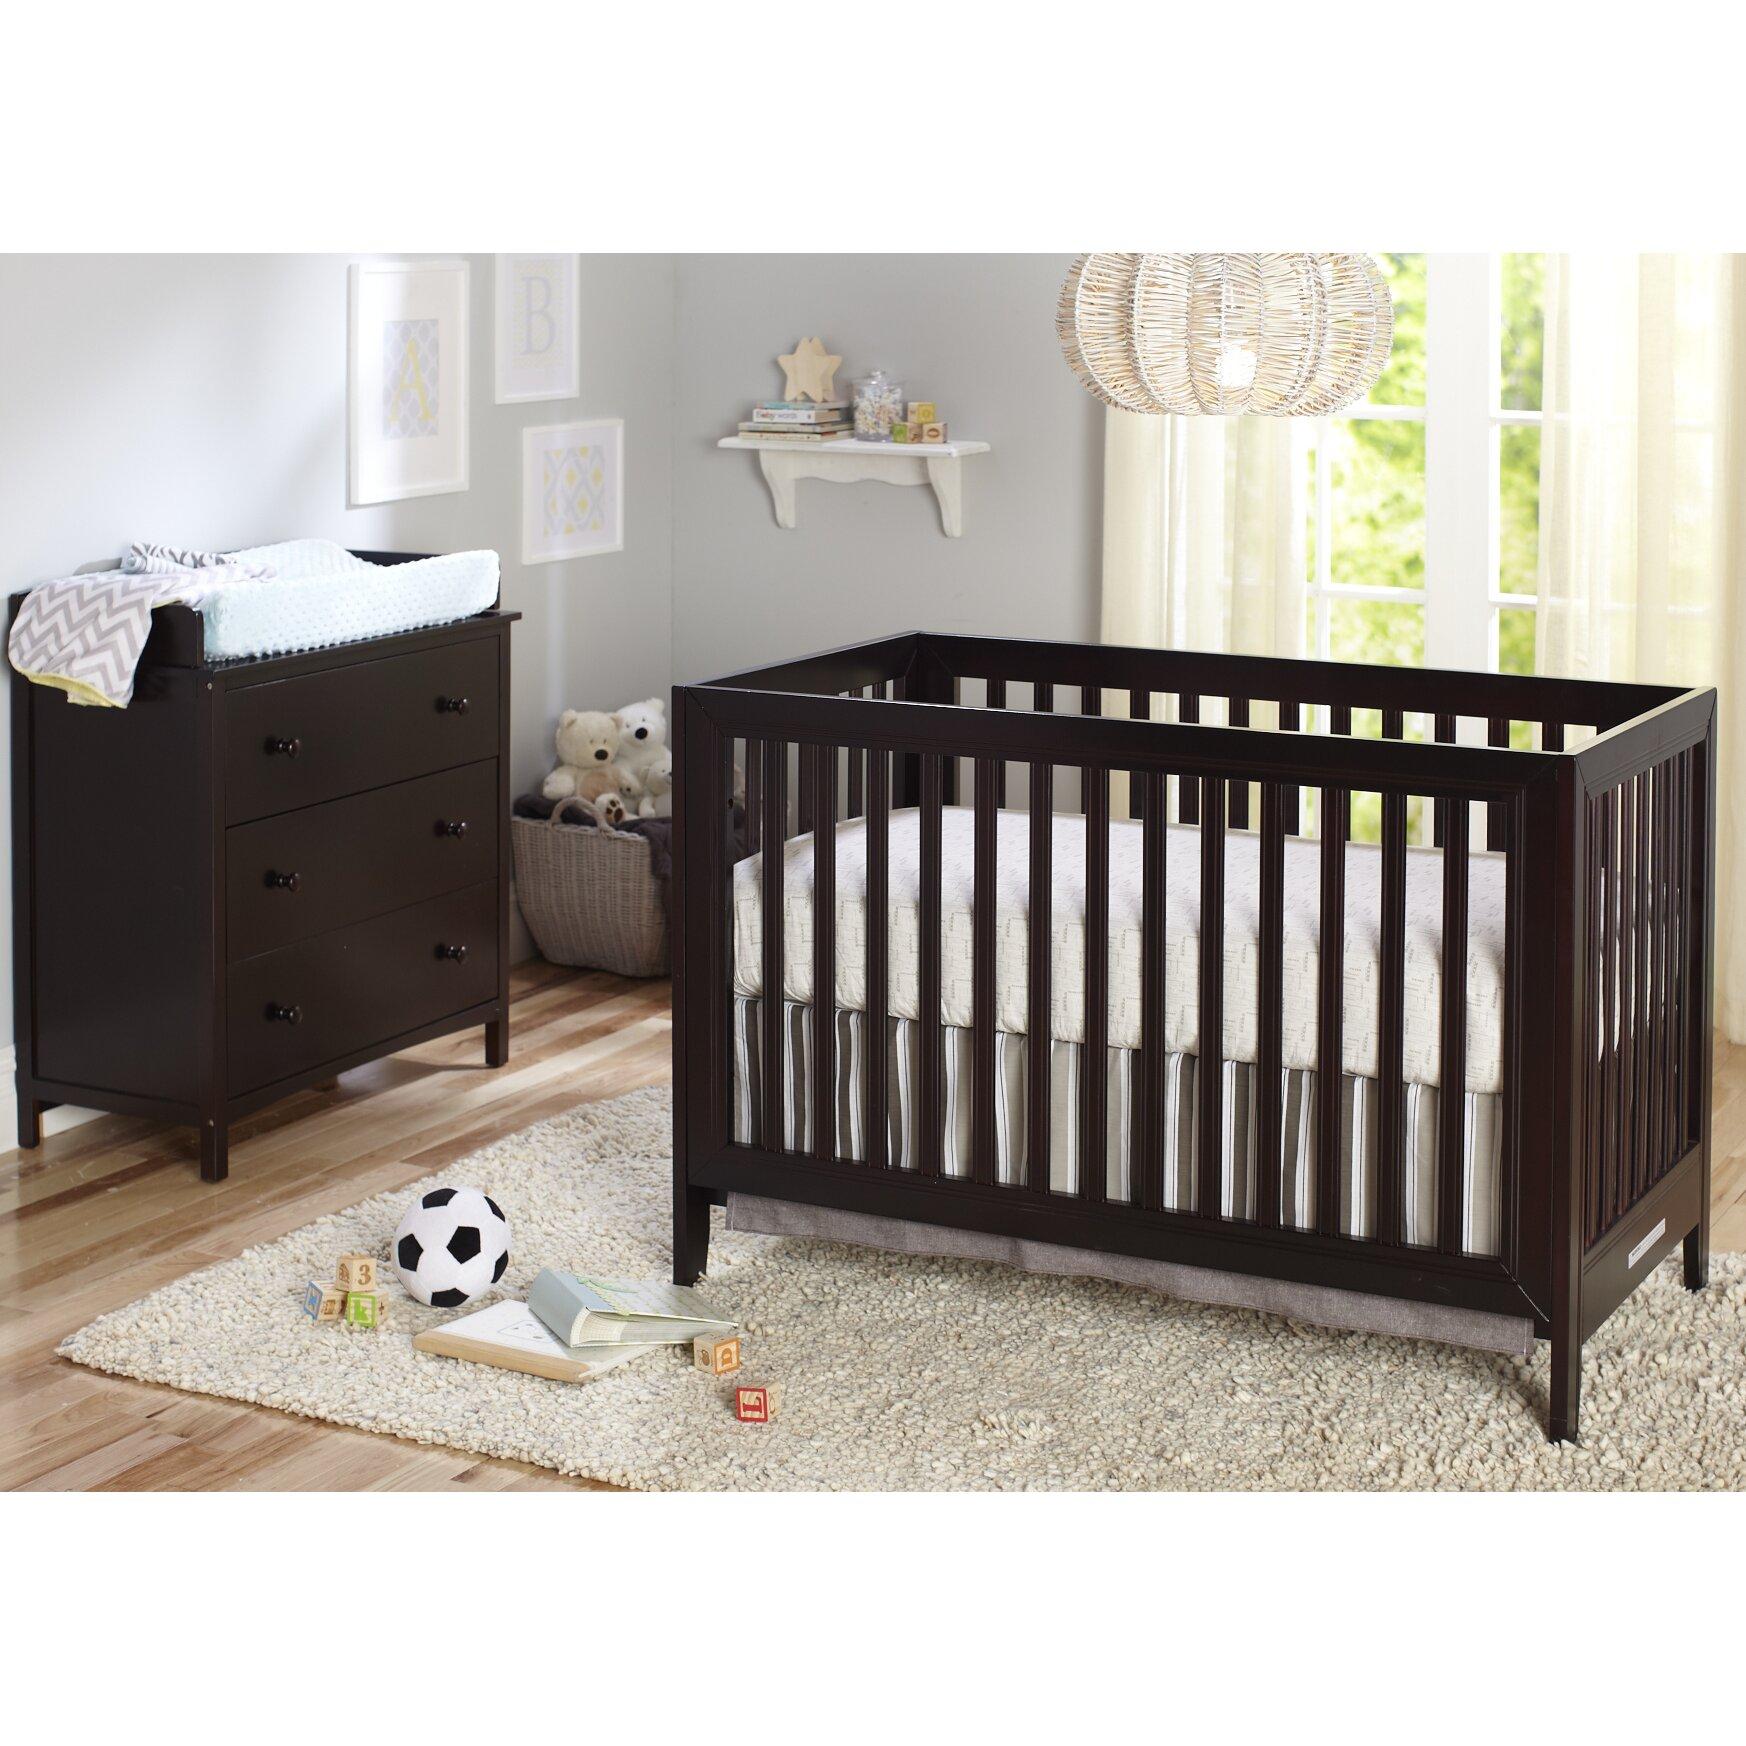 Baby cribs tulsa - Sorelle Jordan Crib